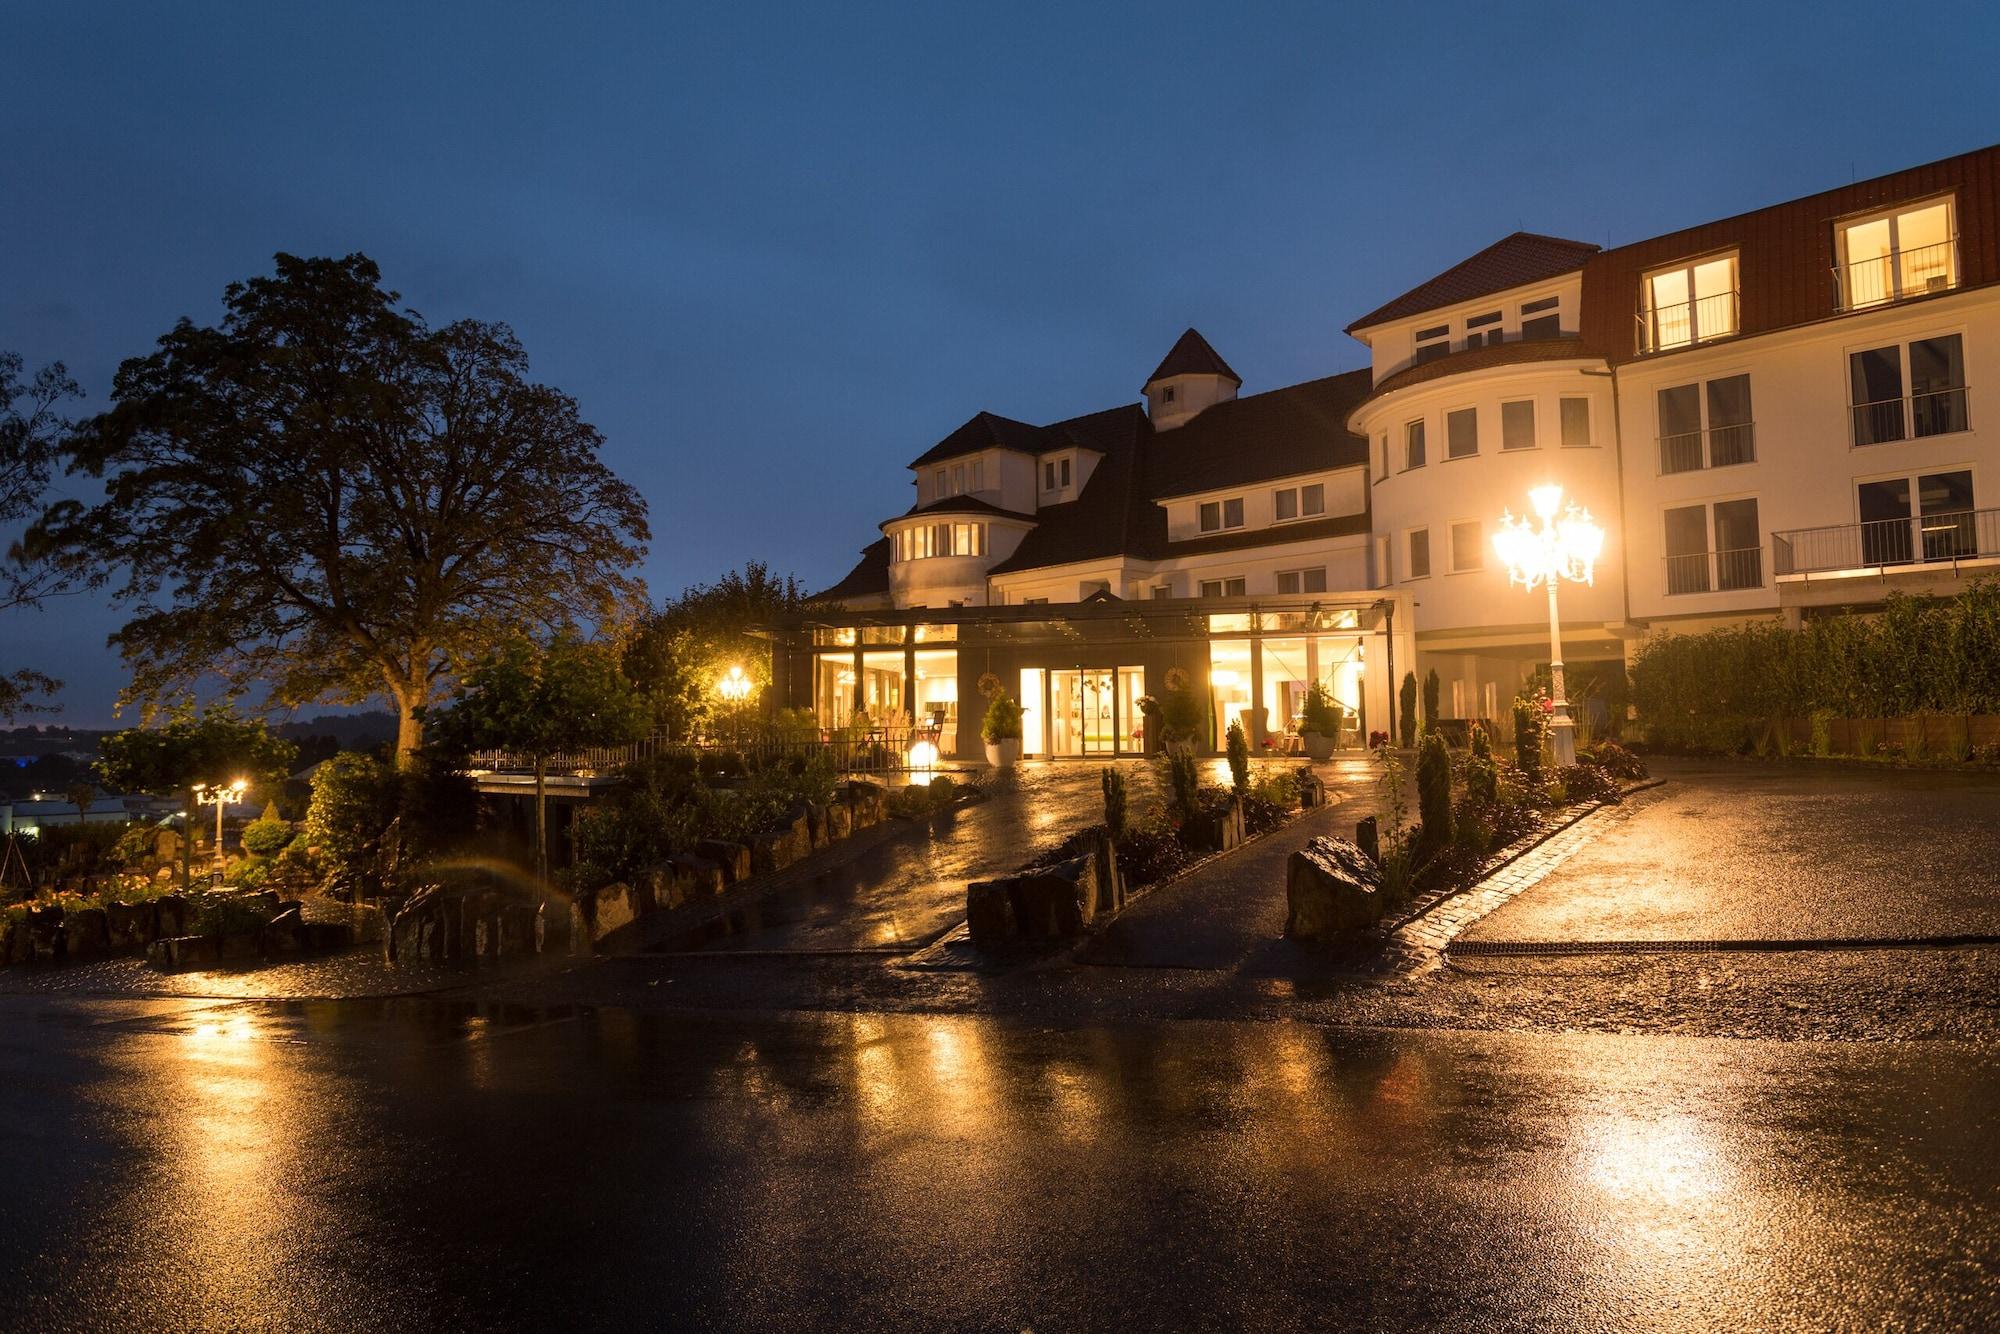 Hotel Heinz, Westerwaldkreis